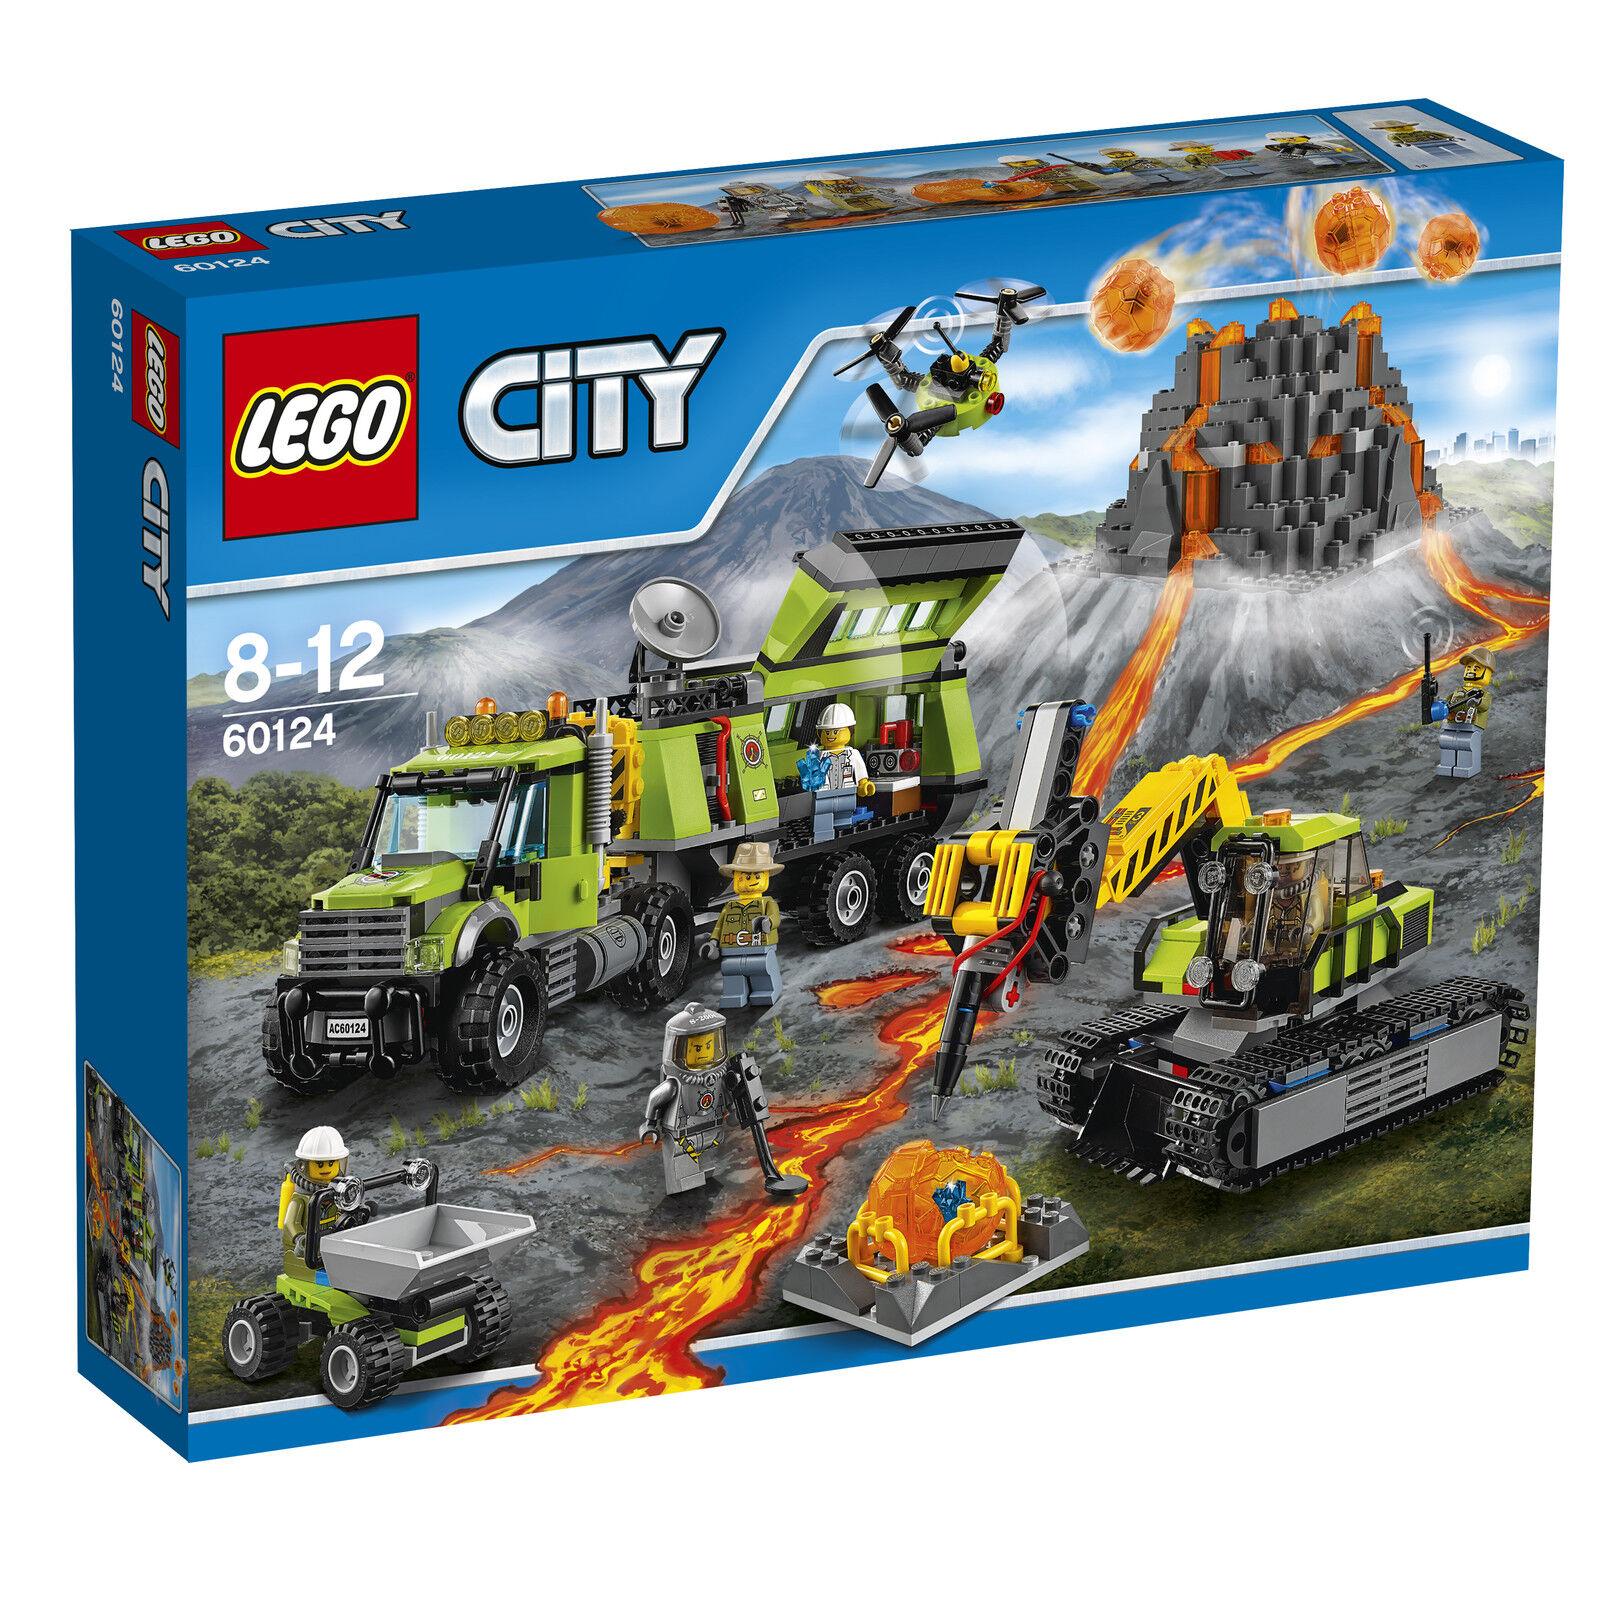 LEGO ® City 60124 volcan-chercheurs Station Nouveau neuf dans sa boîte _ Volcano exploration base New